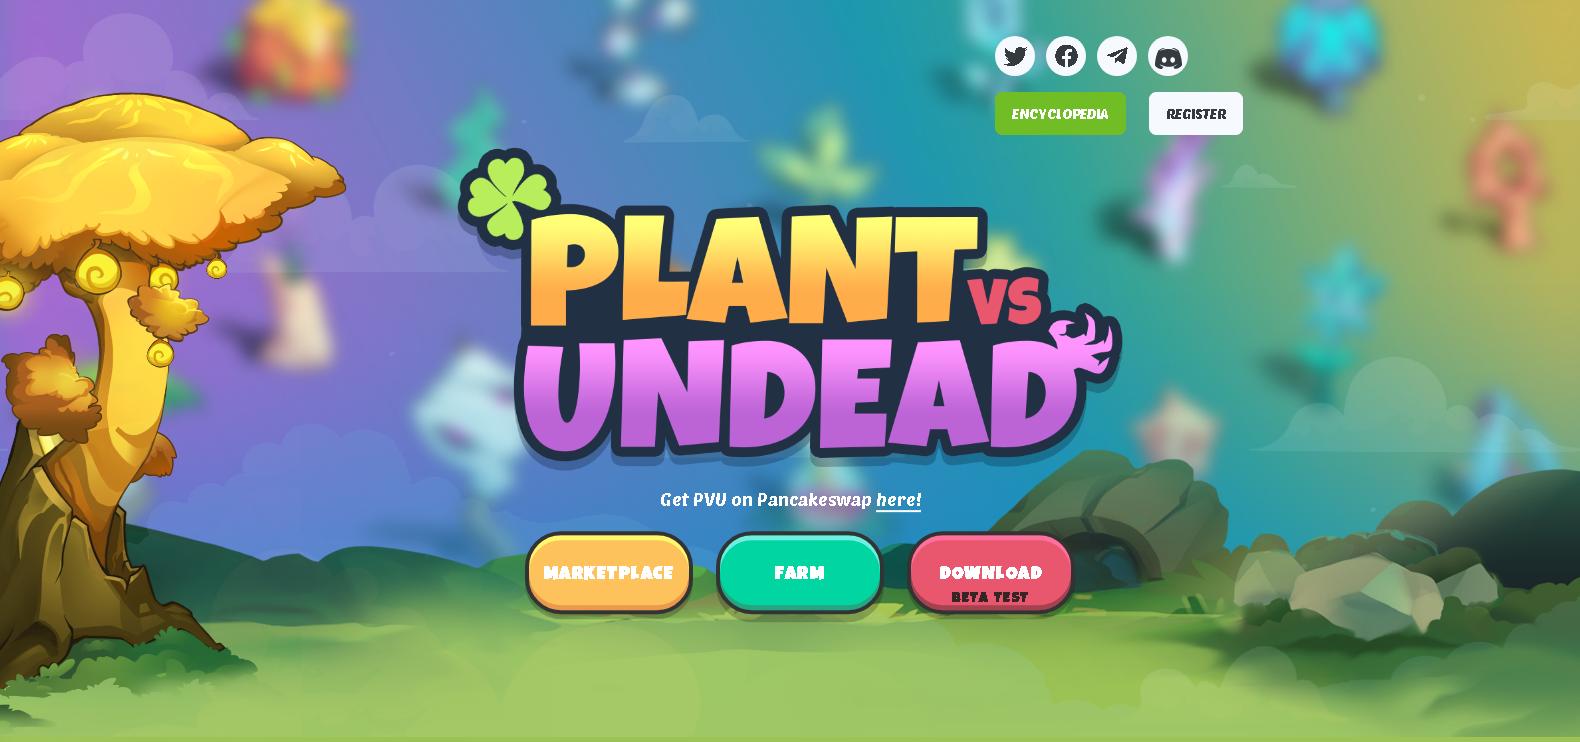 Plant vs Undead presenta un concurso de memes con cientos de tokens PVU en juego para los ganadores